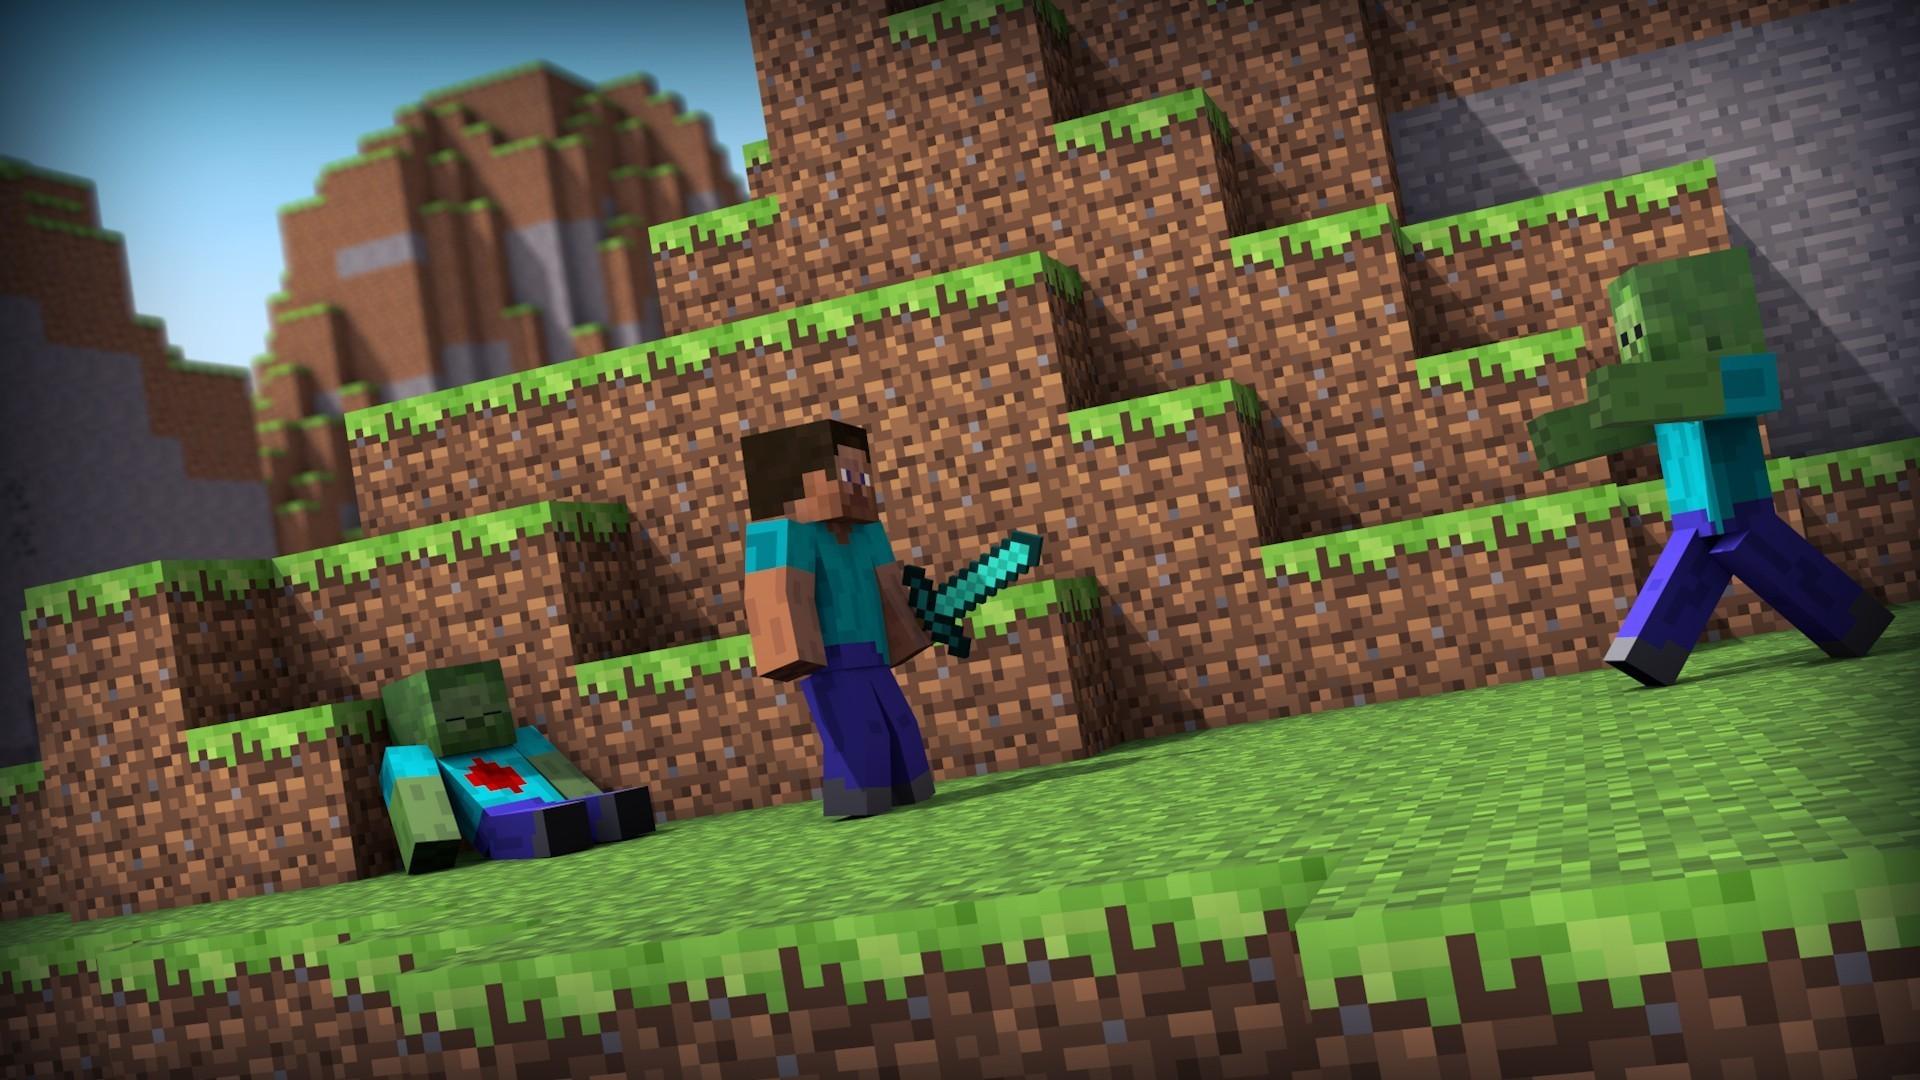 Sfondi Minecraft 76 Immagini